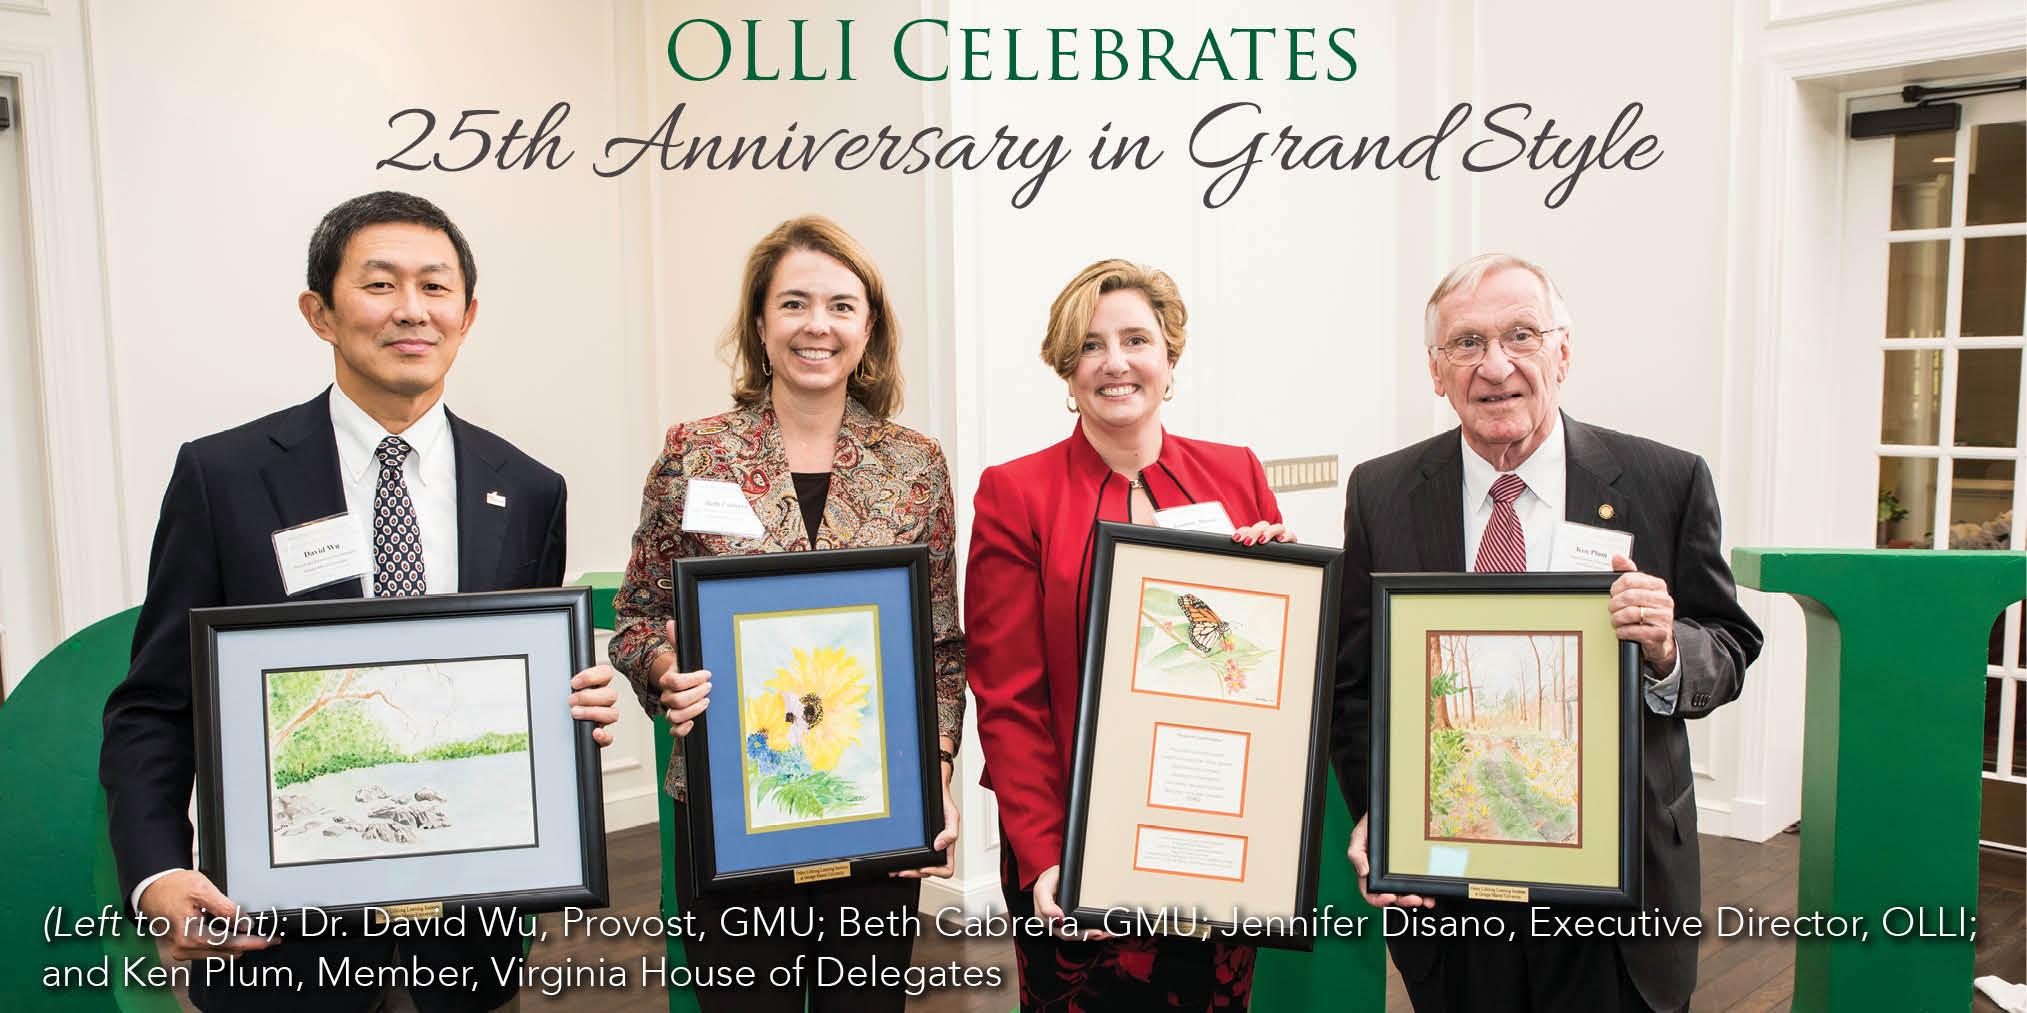 OLLI Celebrates 25th Anniversary